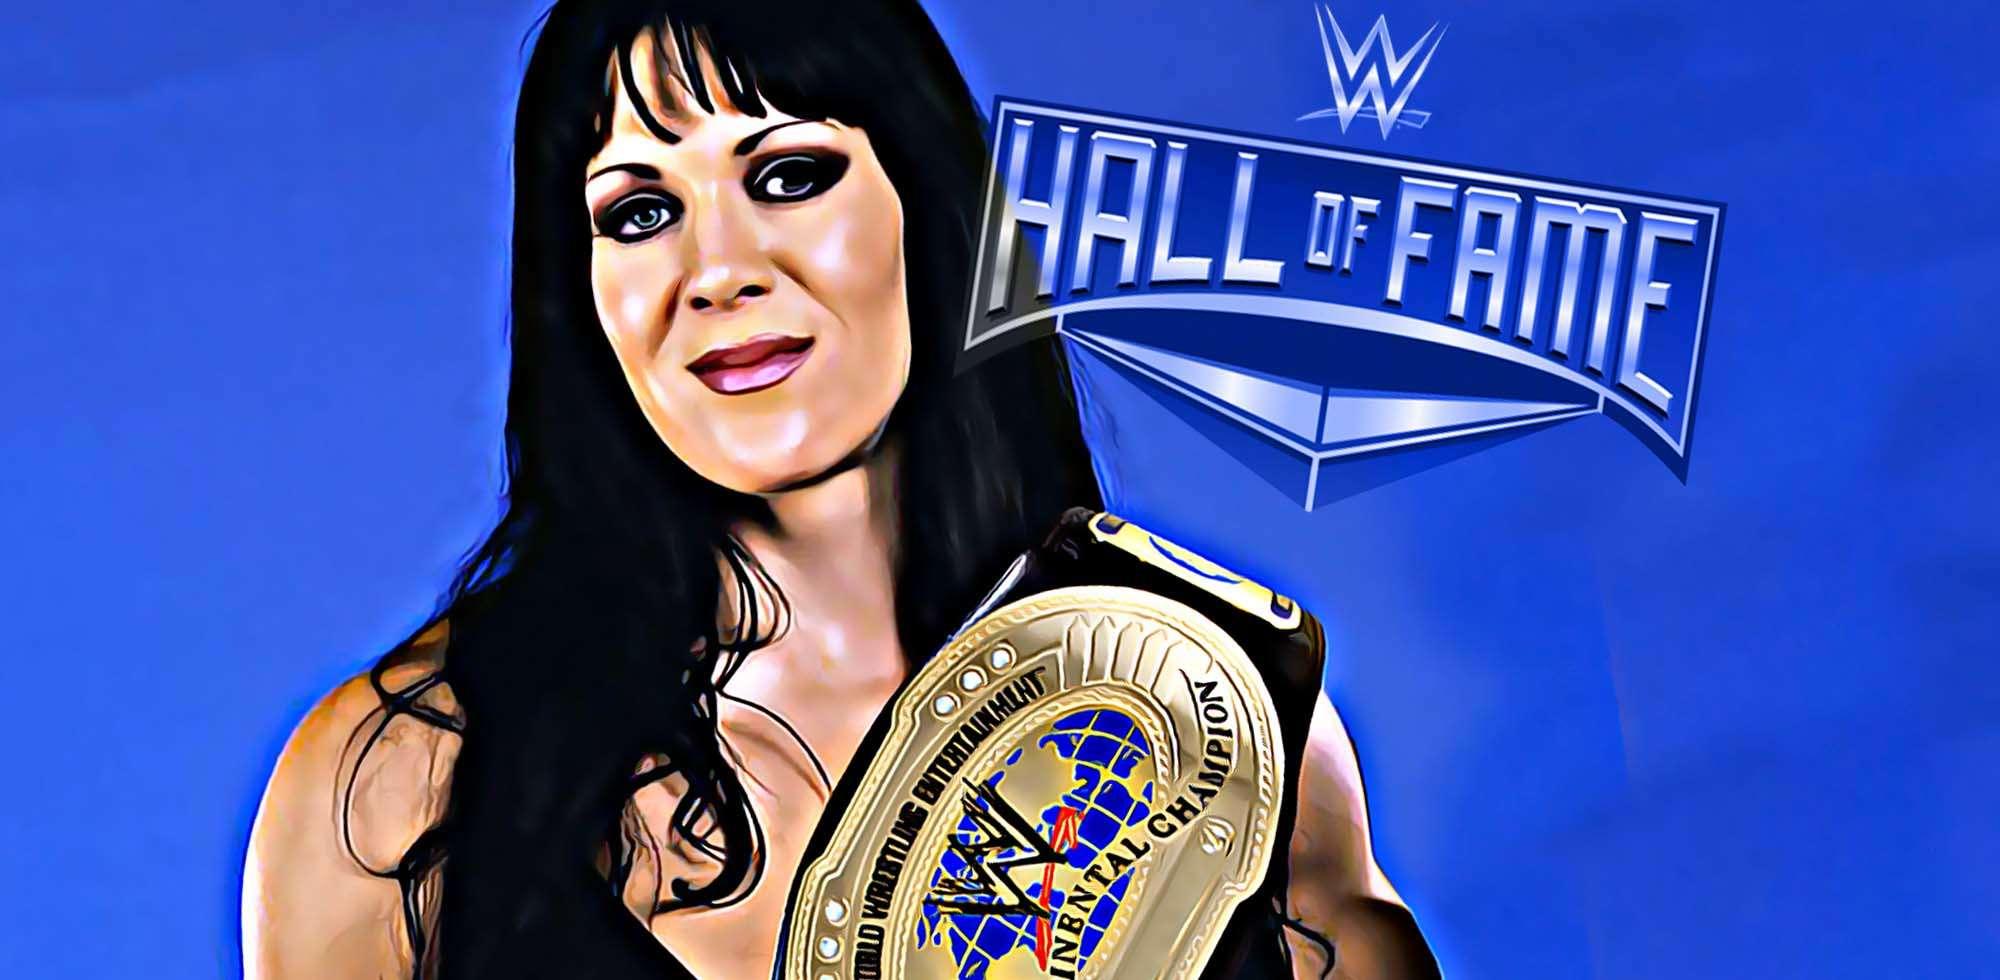 En discusión se encuentra la posibilidad de inducir a Chyna en el salón de la Fama WWE — resultados de su autopsia 1